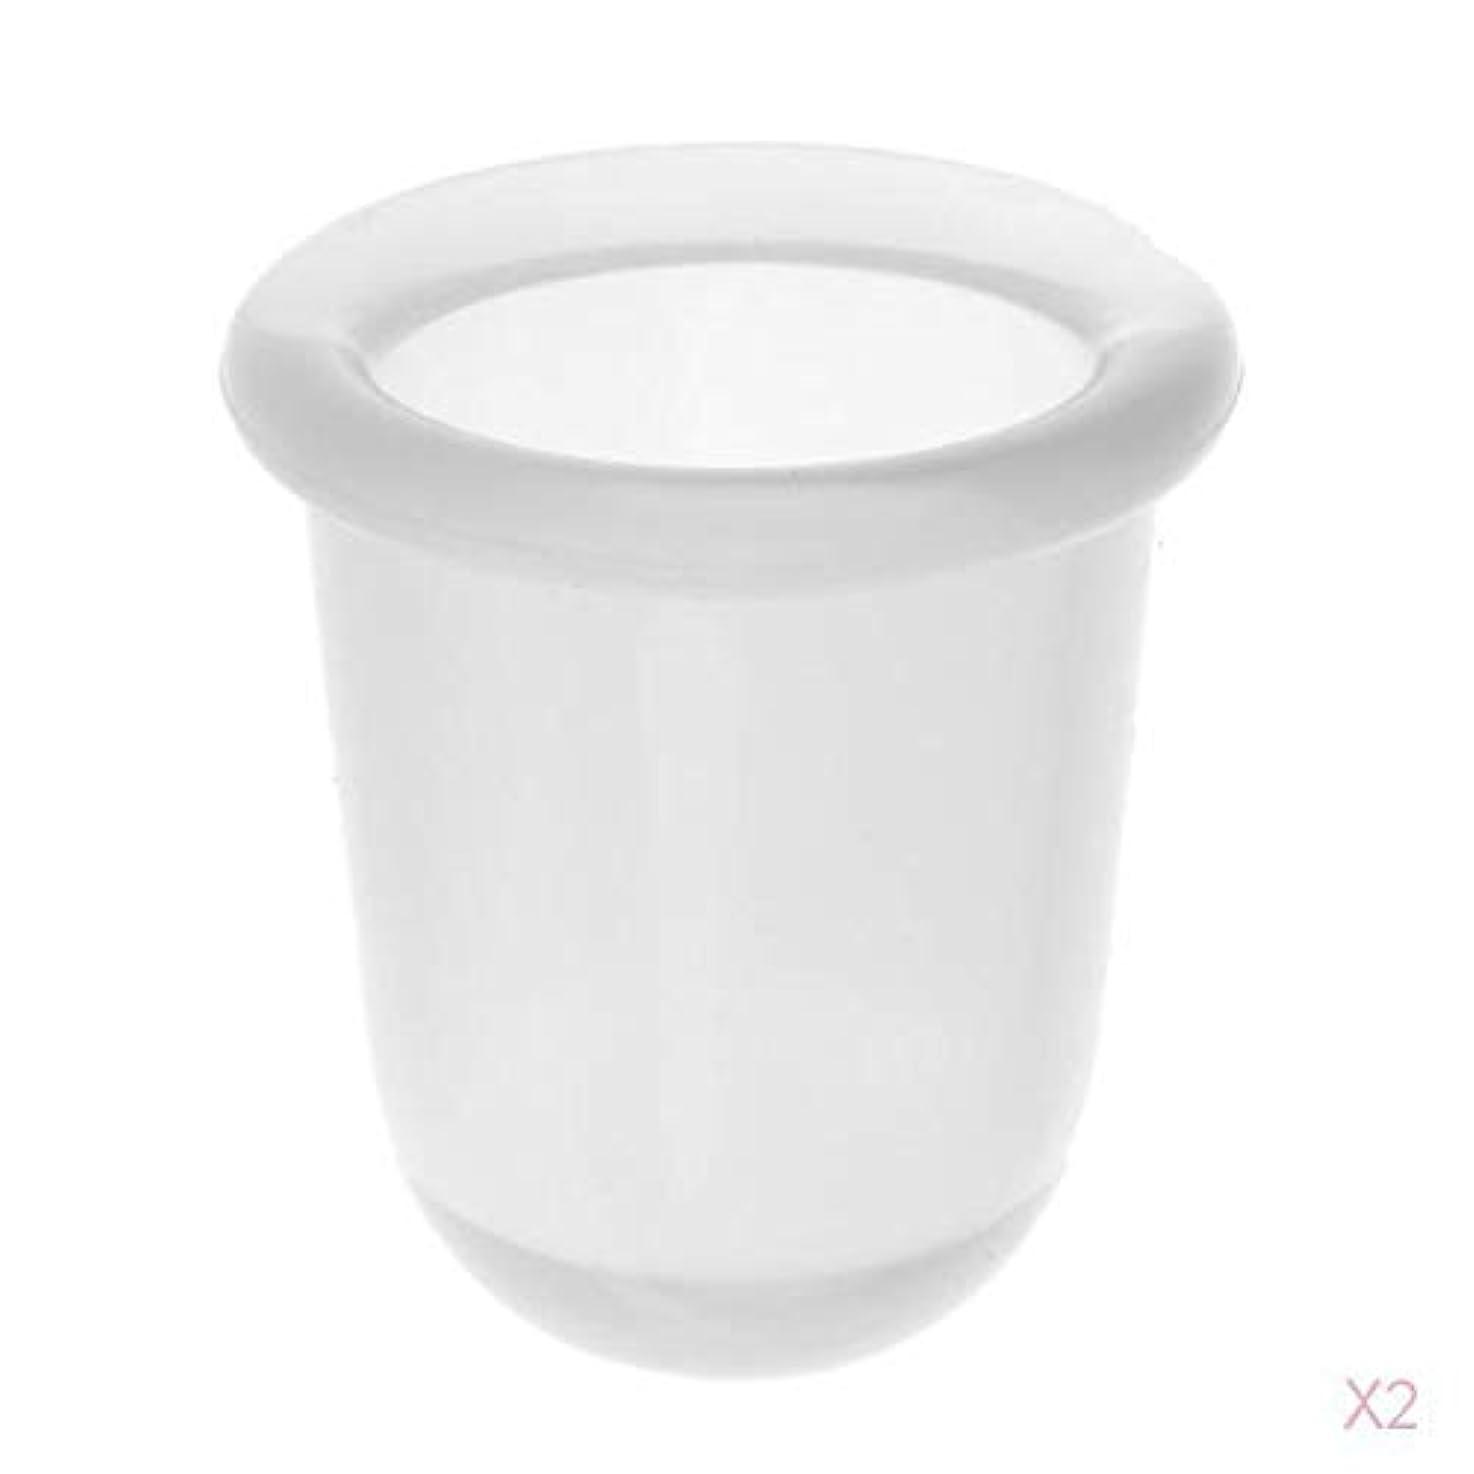 目を覚ます米国人口マッサージカップ 真空カップ シリコーン製 ボディマッサージ 全2色 - クリア